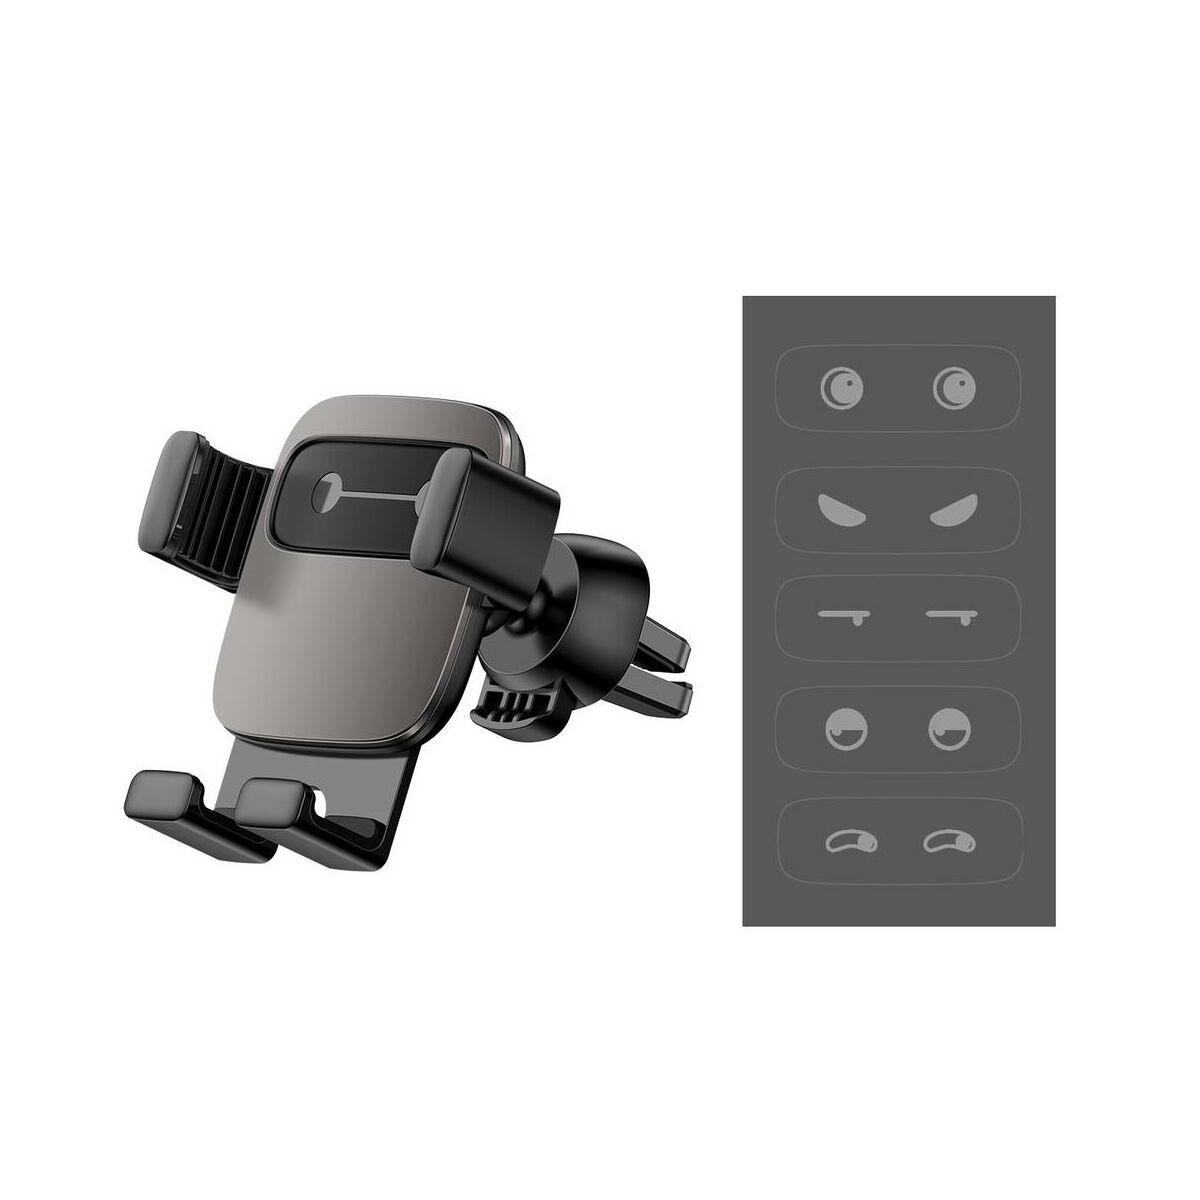 Baseus autós telefon tartó, Cube Gravity, szögletesebb design, fekete (SUYL-FK01)